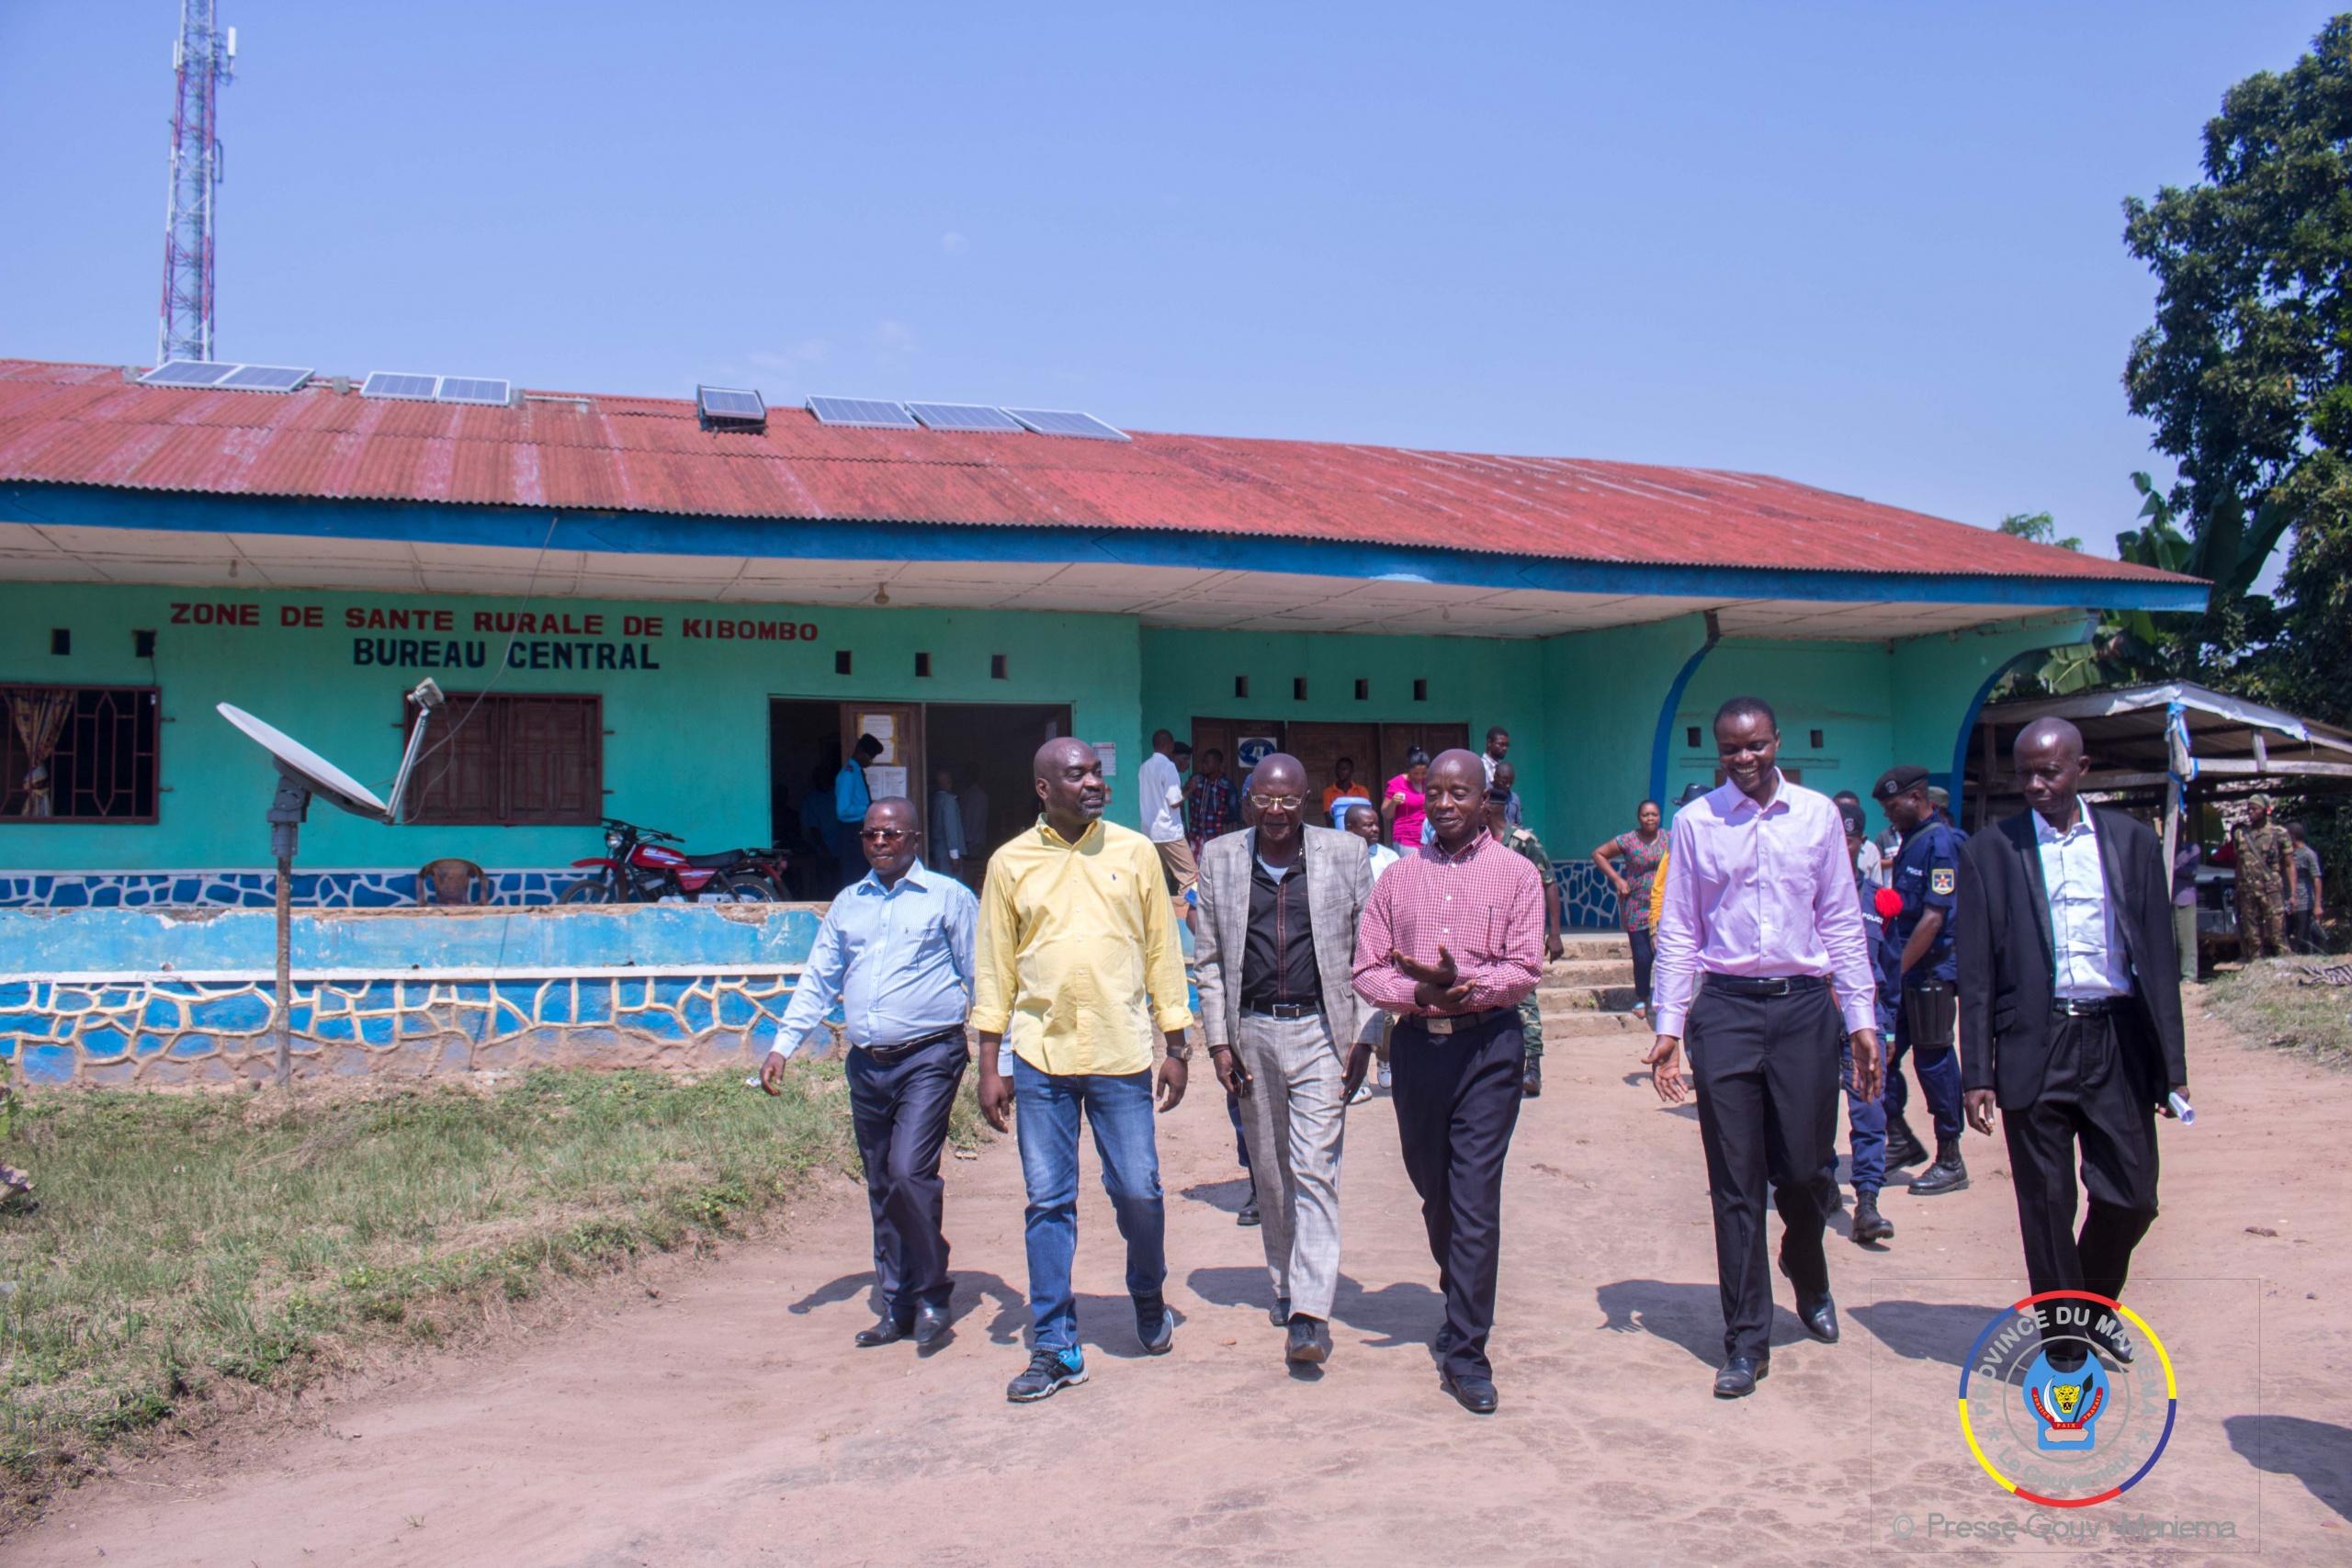 #Maniema : le Ministre de la santé visite les structures sanitaires de la Zone de santé de Kibombo